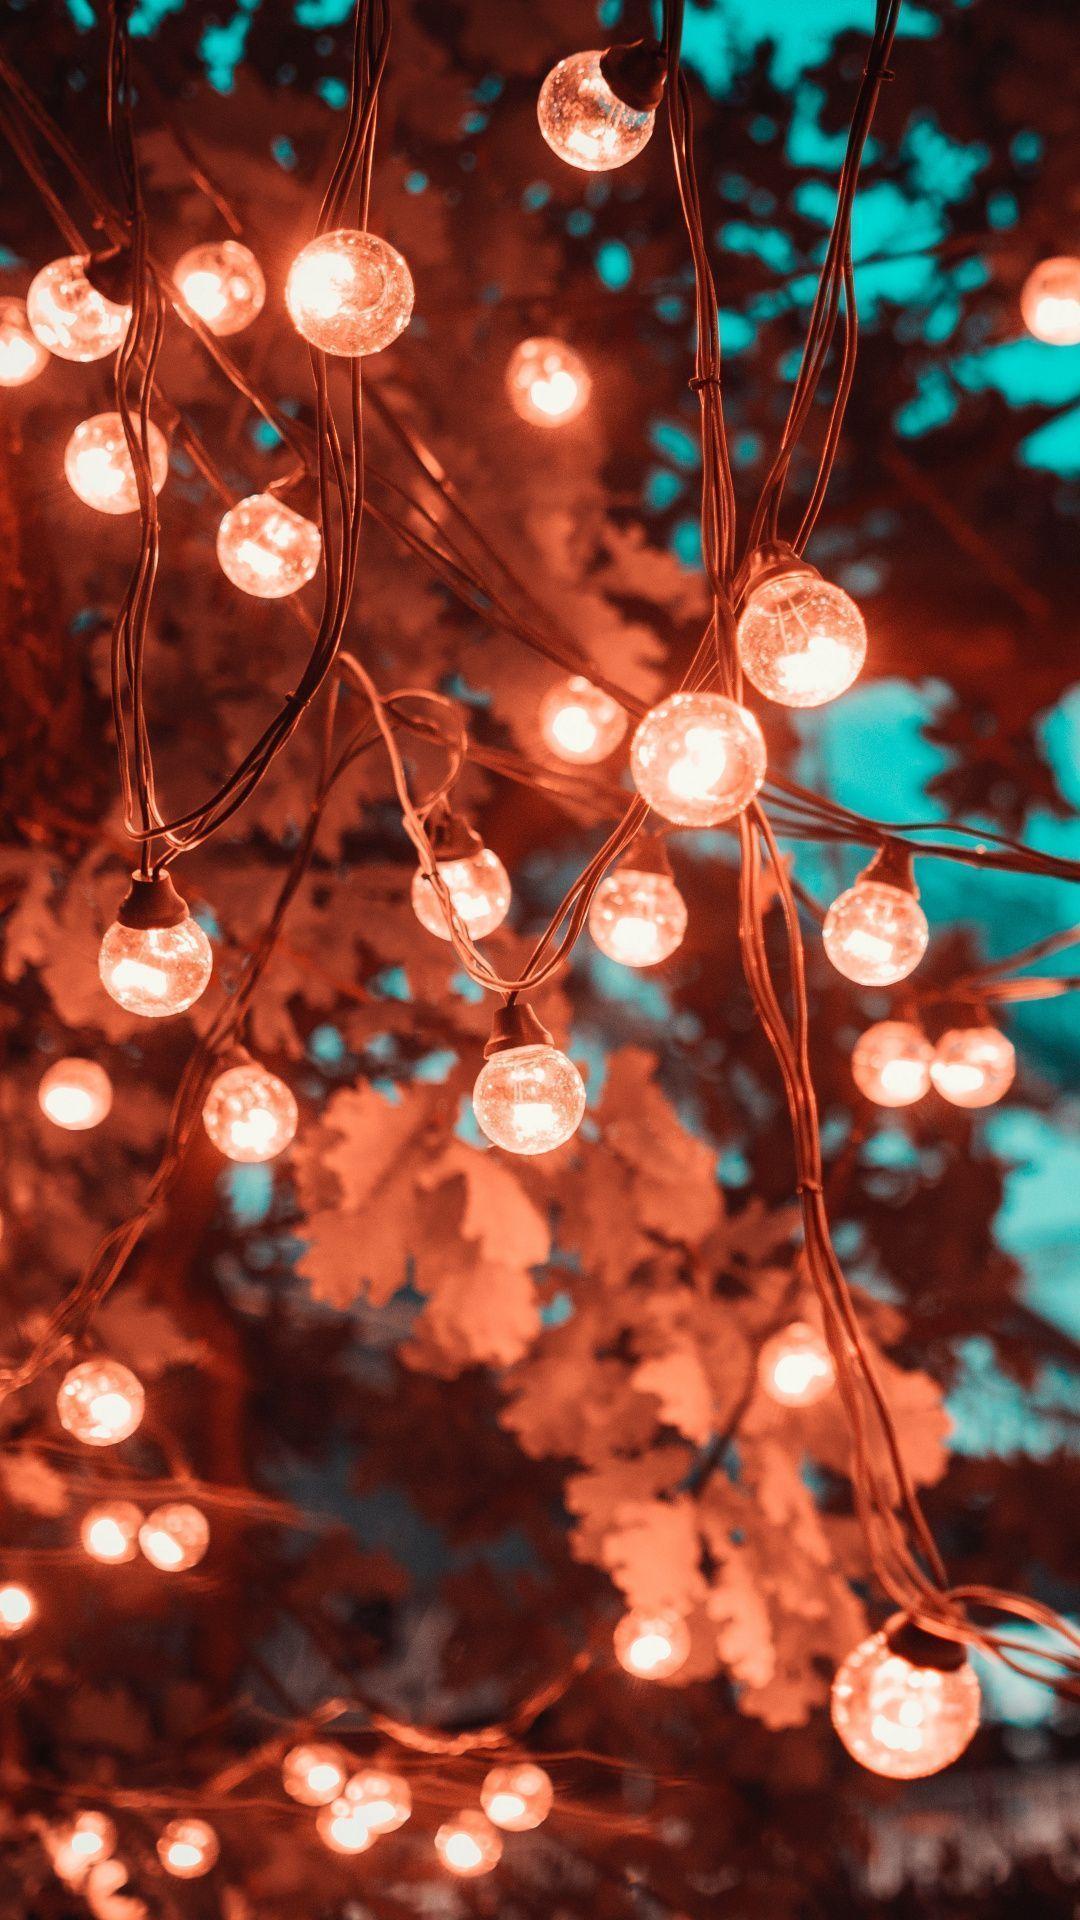 Fond D Ecran Diode Emettrice De Lumiere L Eclairage Les Lumieres De Noel Branch In 2020 Christmas Phone Wallpaper Iphone Wallpaper Lights Christmas Lights Wallpaper